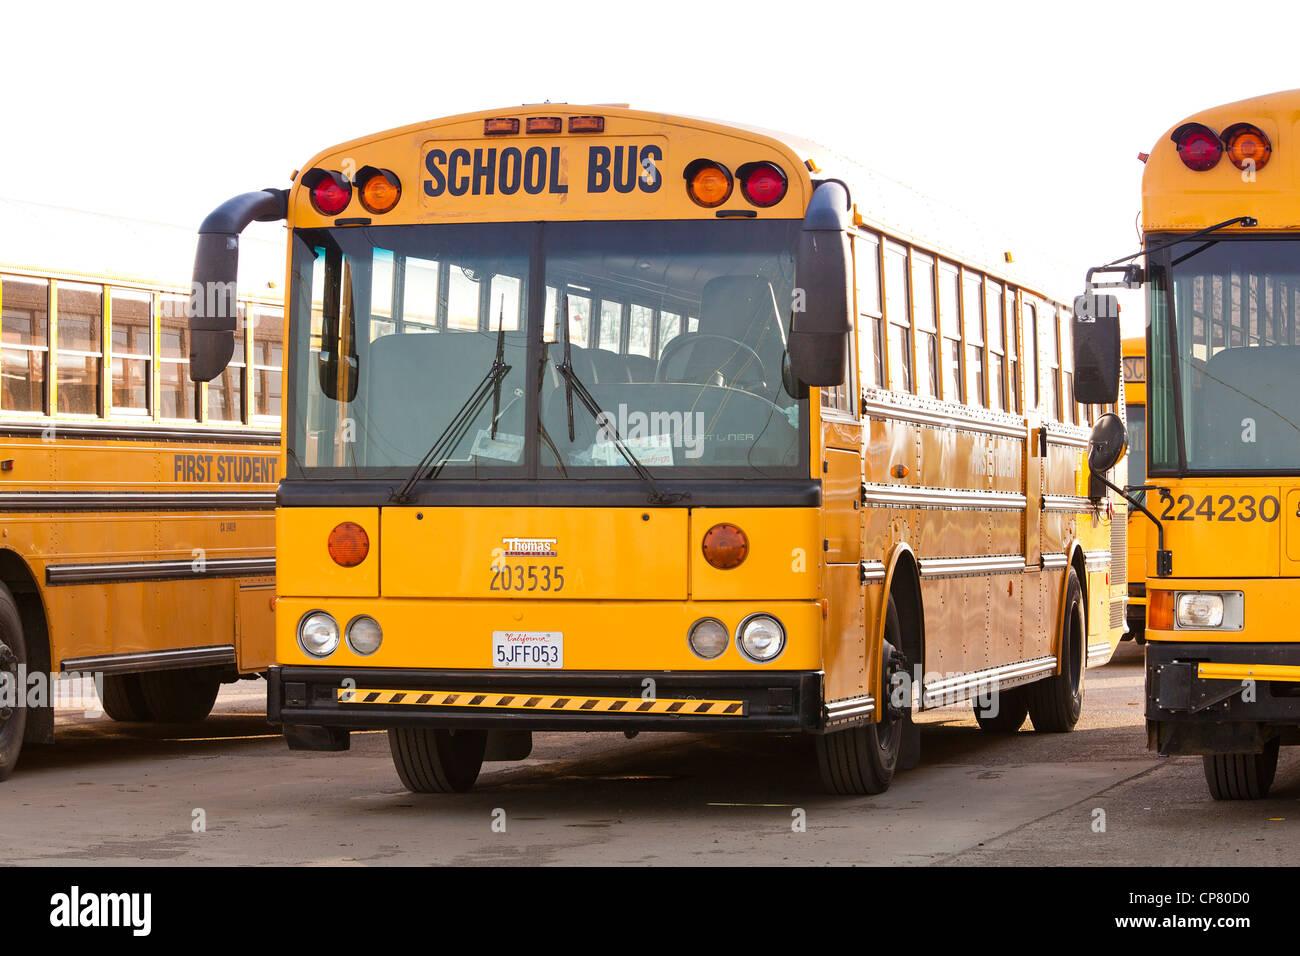 Nos estacionados los autobuses escolares de California - EE.UU. Imagen De Stock